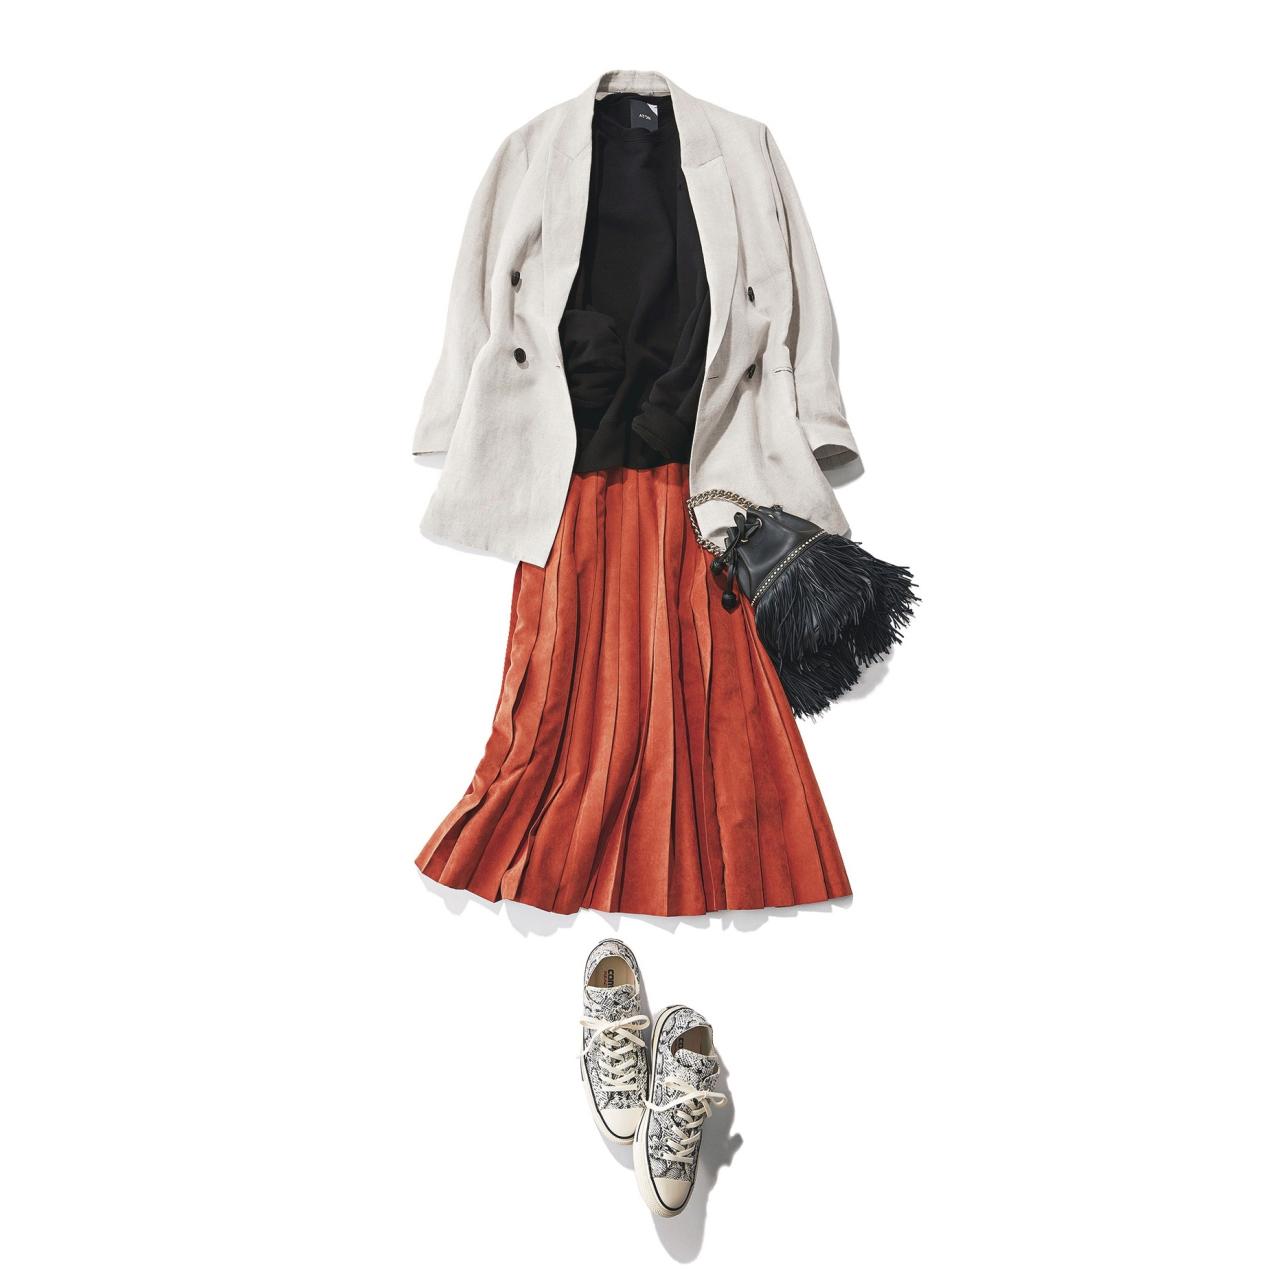 ジャケット×きれい色スカート×パイソン柄コンバースコーデ